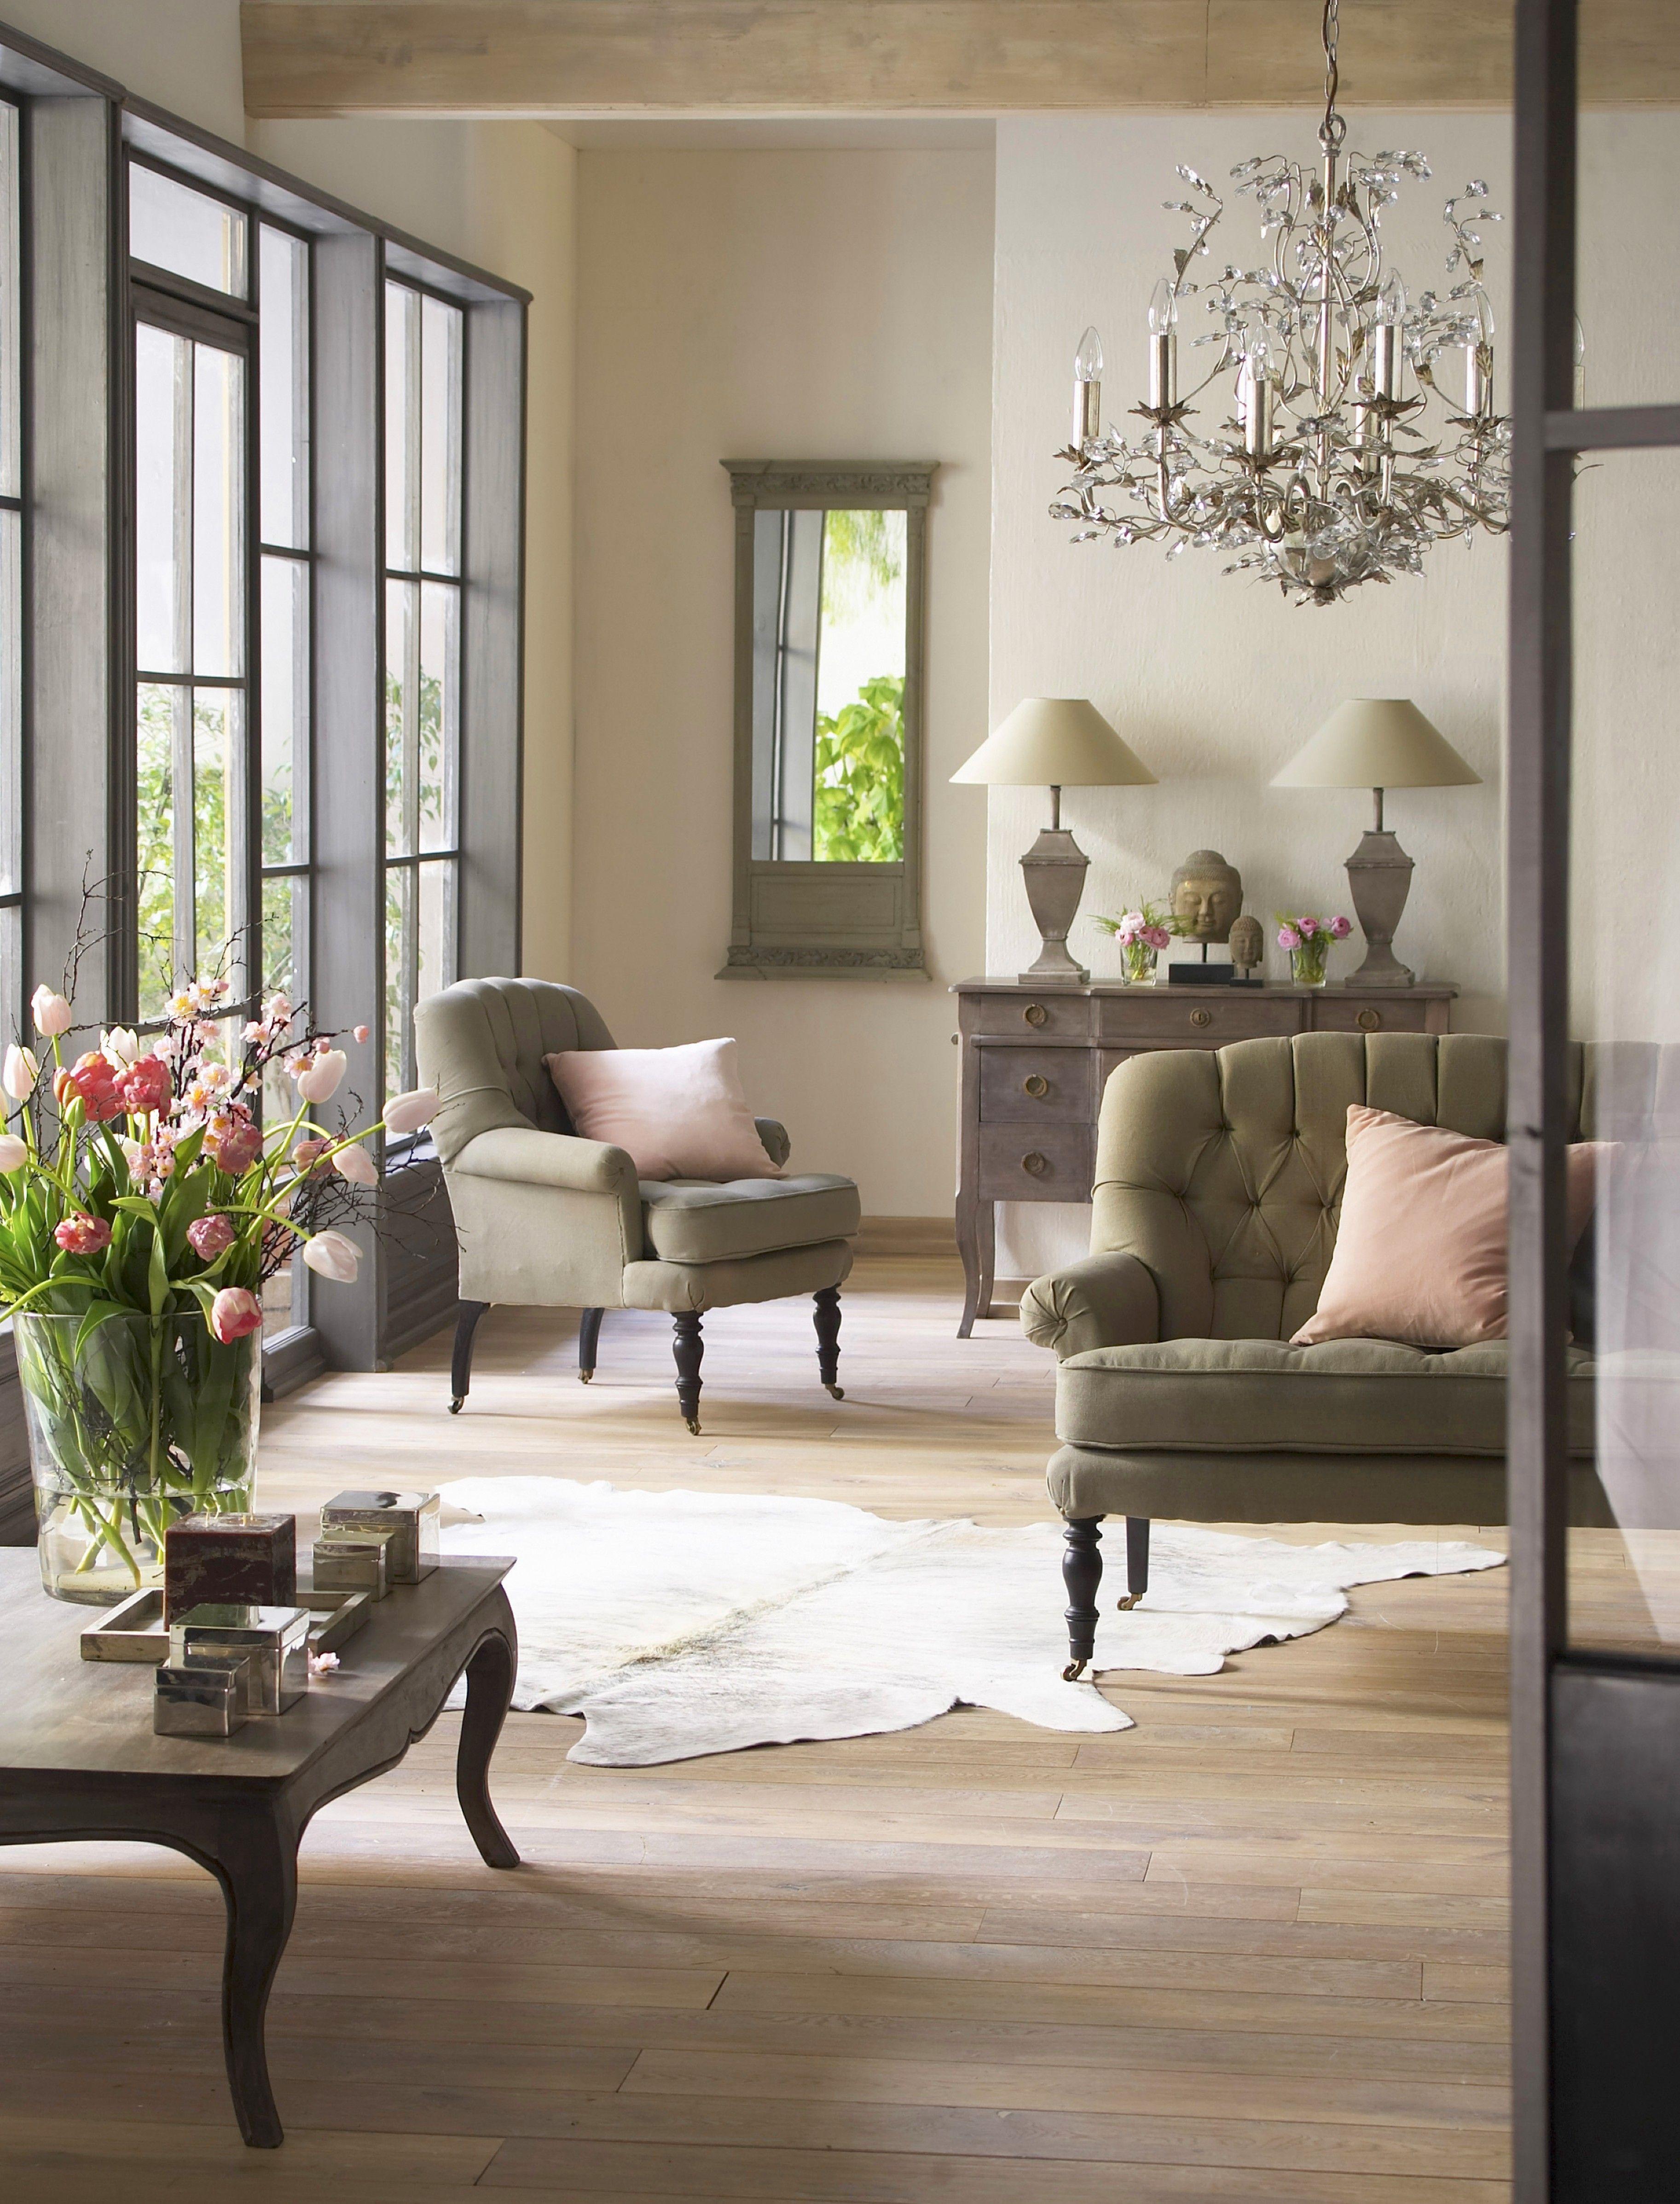 Ideen zur individuellen Wohnzimmergestaltung - DAS HAUS